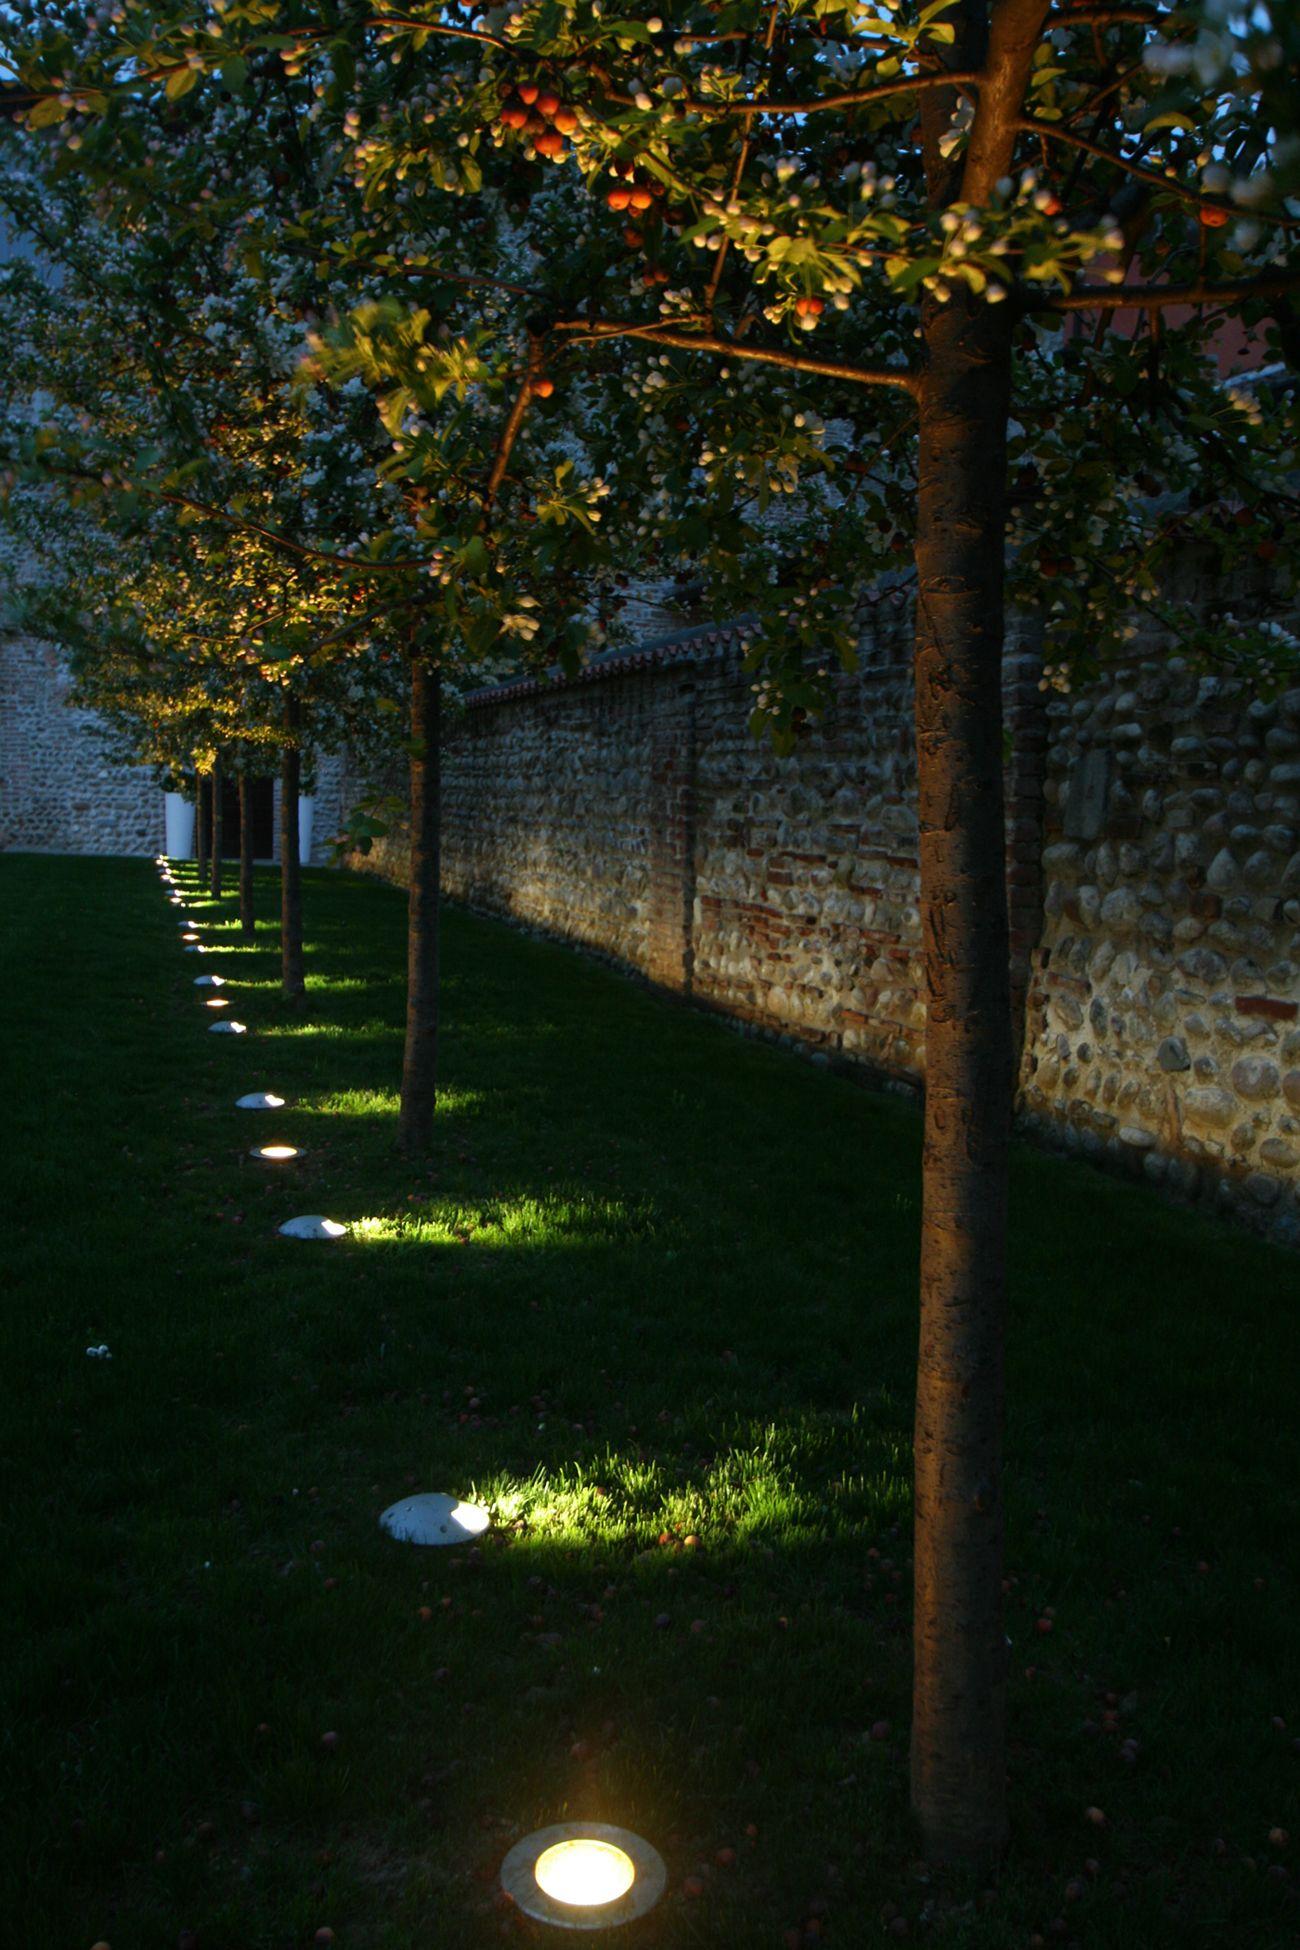 Eclairage Exterieur Encastre De Sol Pathe De Concord By Feilo Sylvania Eclairage Led Architecture E Eclairage Exterieur Exterieur Eclairage Exterieur Led